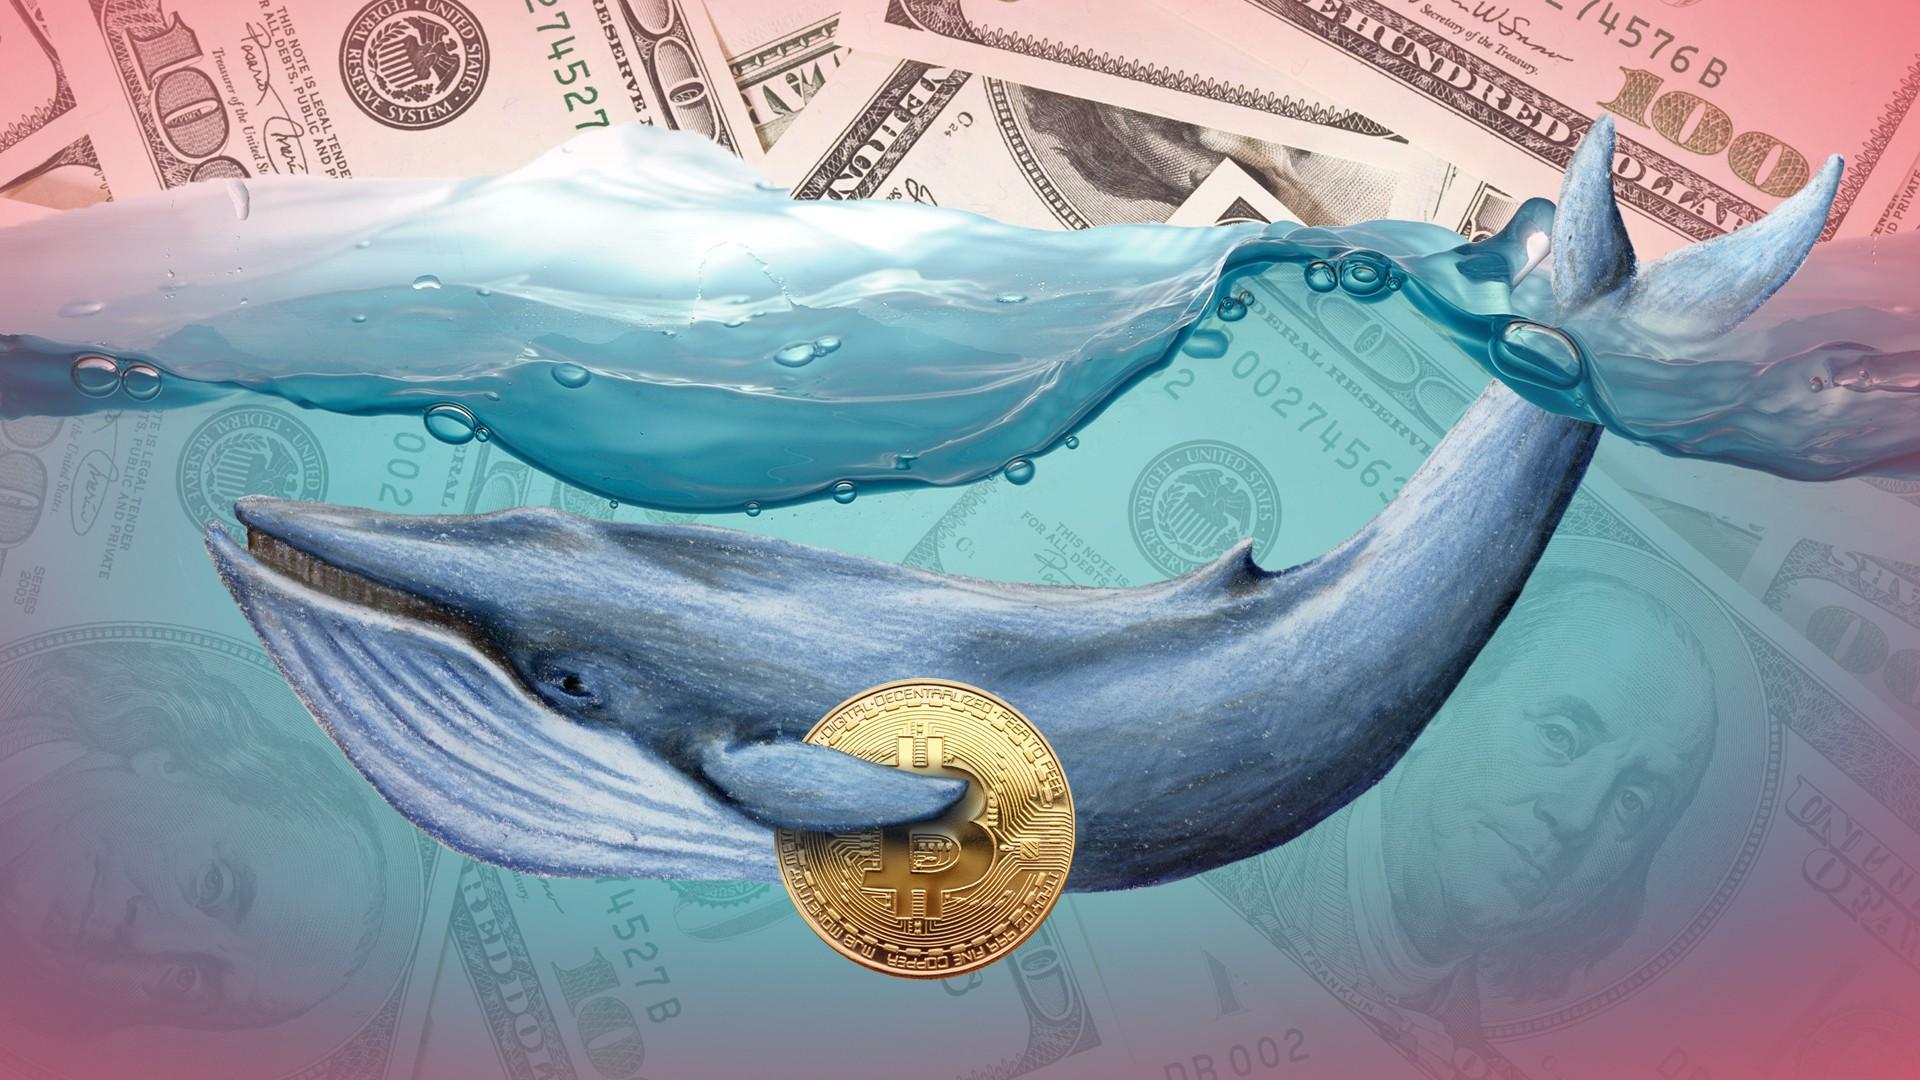 Dev Balina, 321 Bitcoin'i Yuttu! Ünlü CEO Uyardı: Bu Seviye Balinaların!